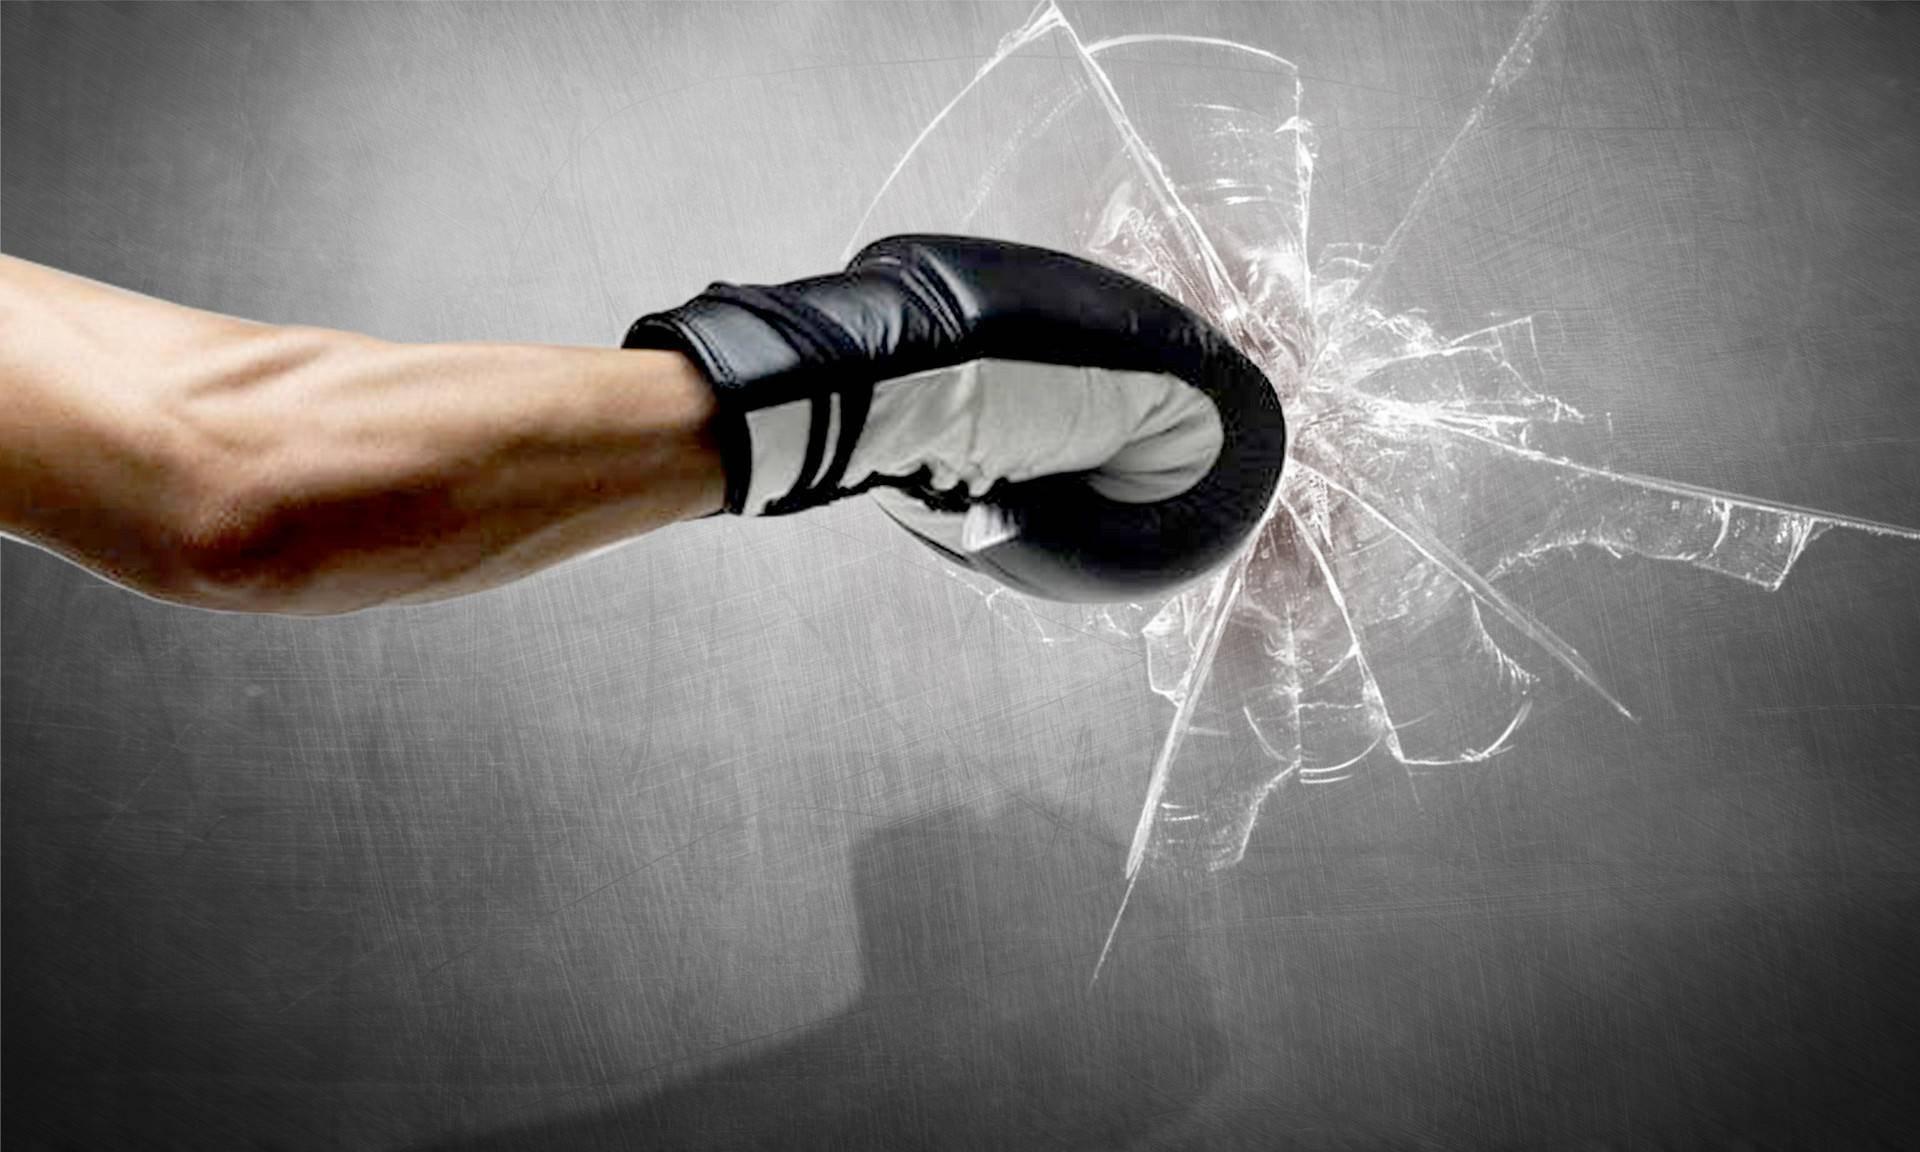 《冠军的心》6.14上映,杨坤变身肌肉硬汉